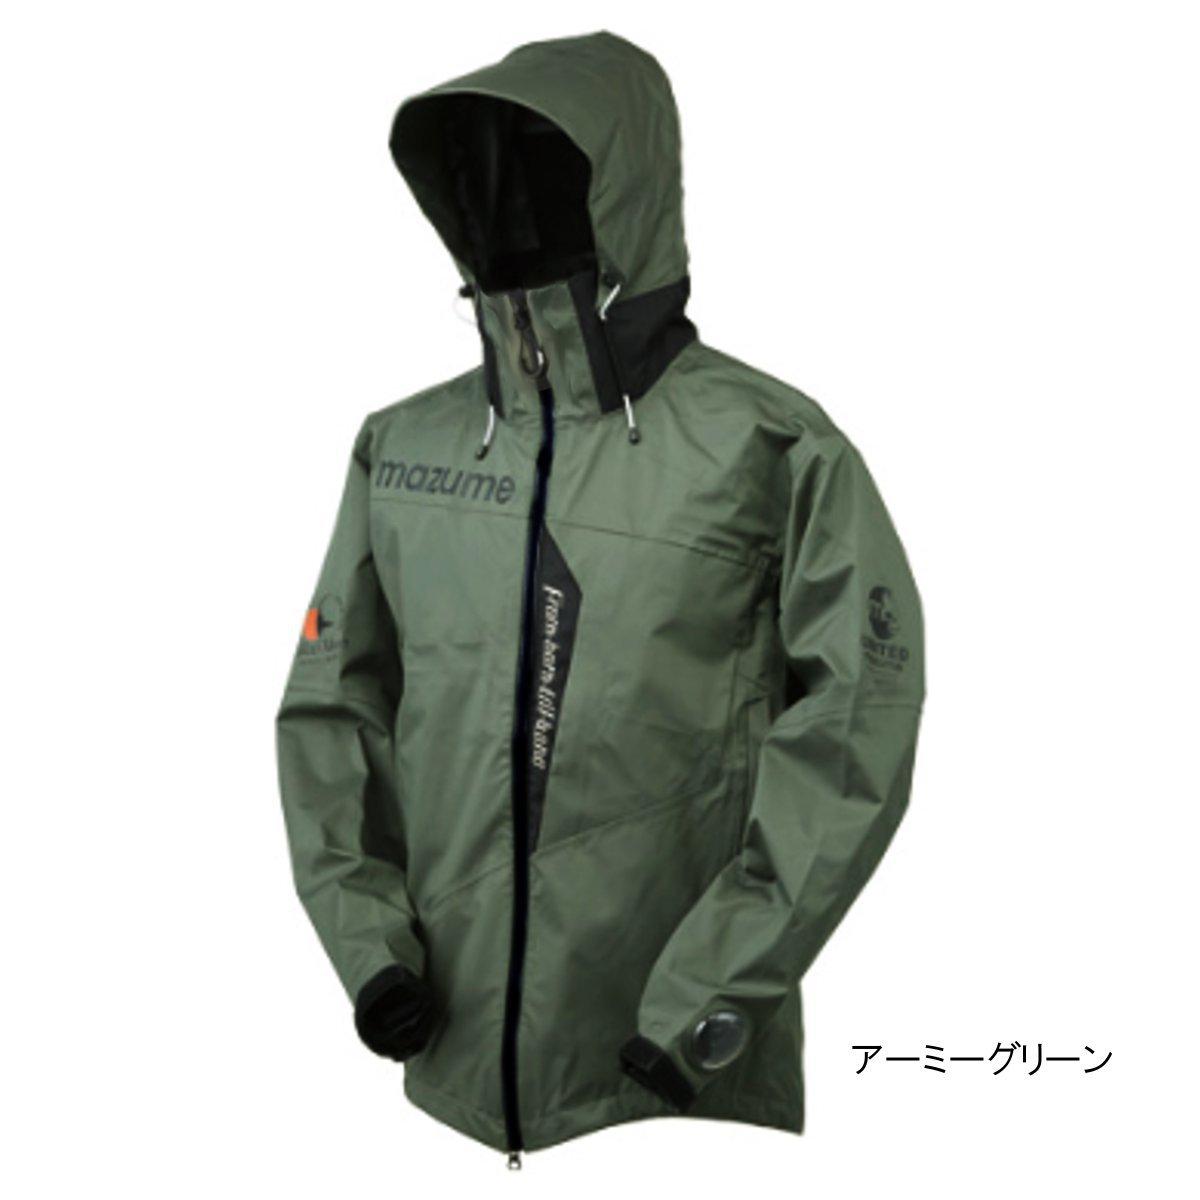 mazume レッドムーンレインジャケット MZRJ-353 M アーミーグリーン